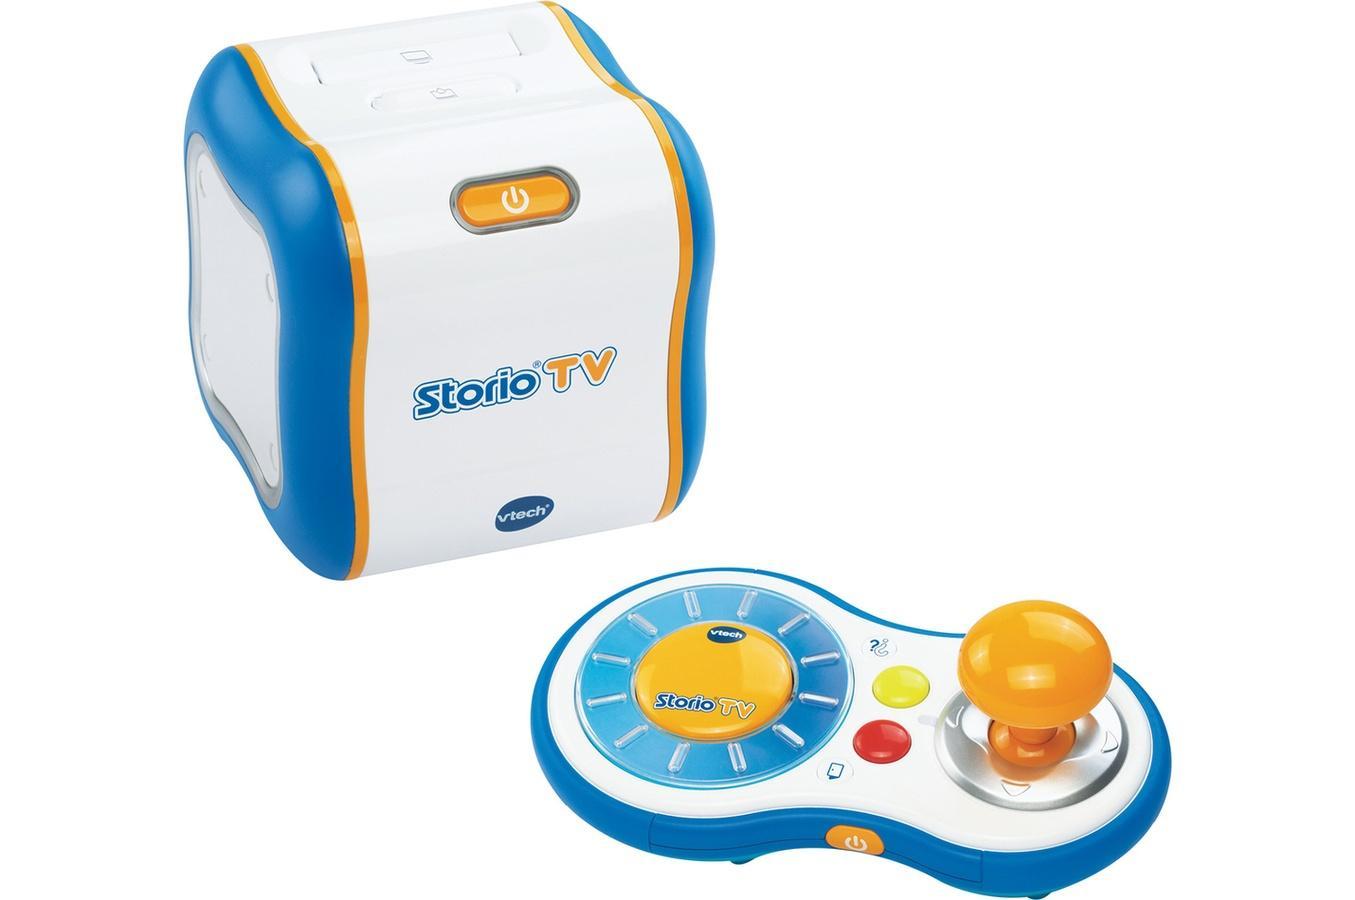 Console enfant Vtech Storio TV 183605